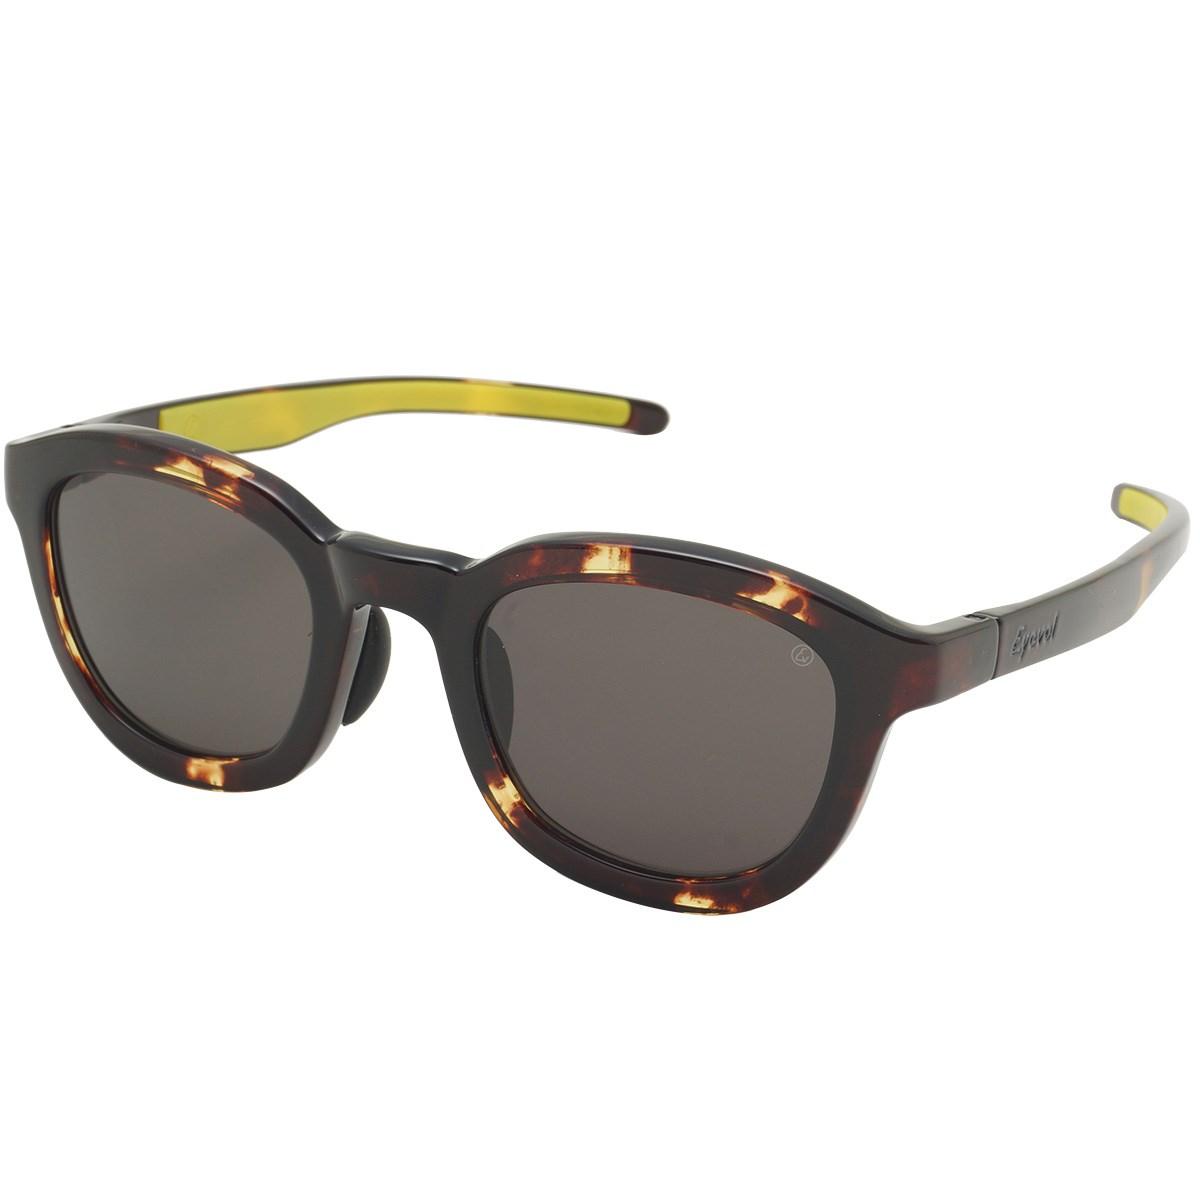 アイヴォル RYS 2 XL 50 偏光レンズサングラス